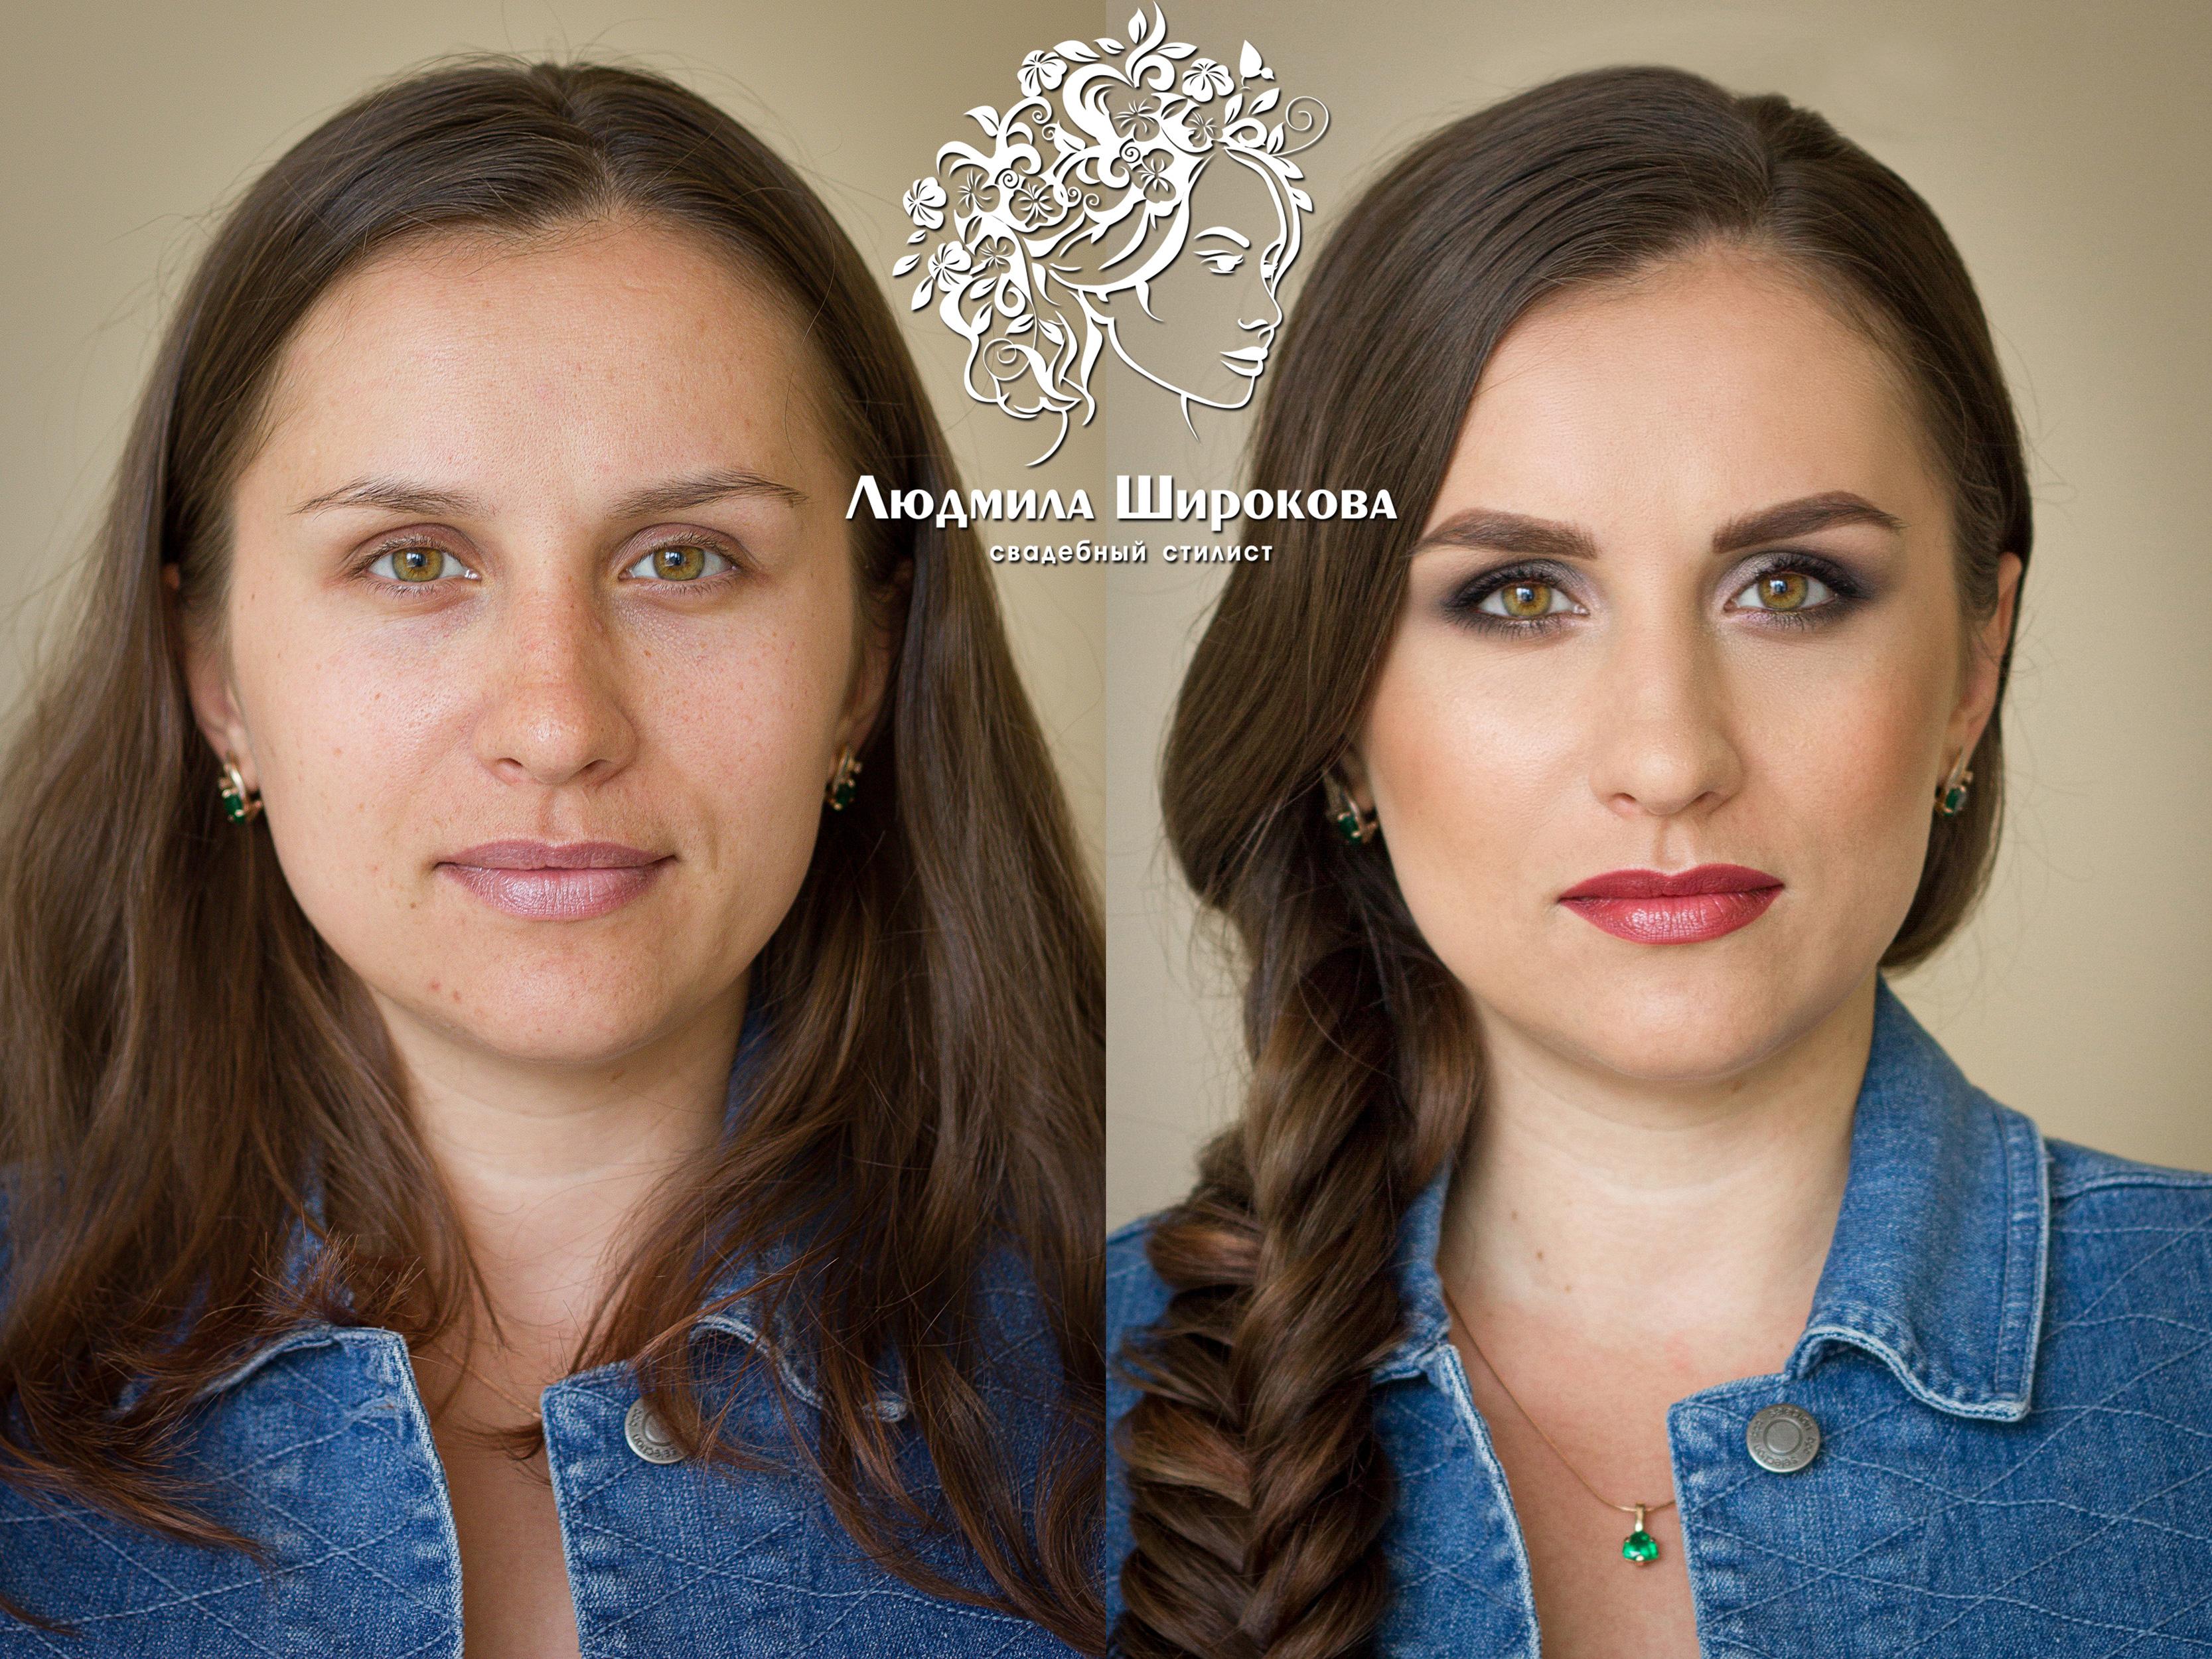 Людмила Широкова прическа и макияж ДоПосле